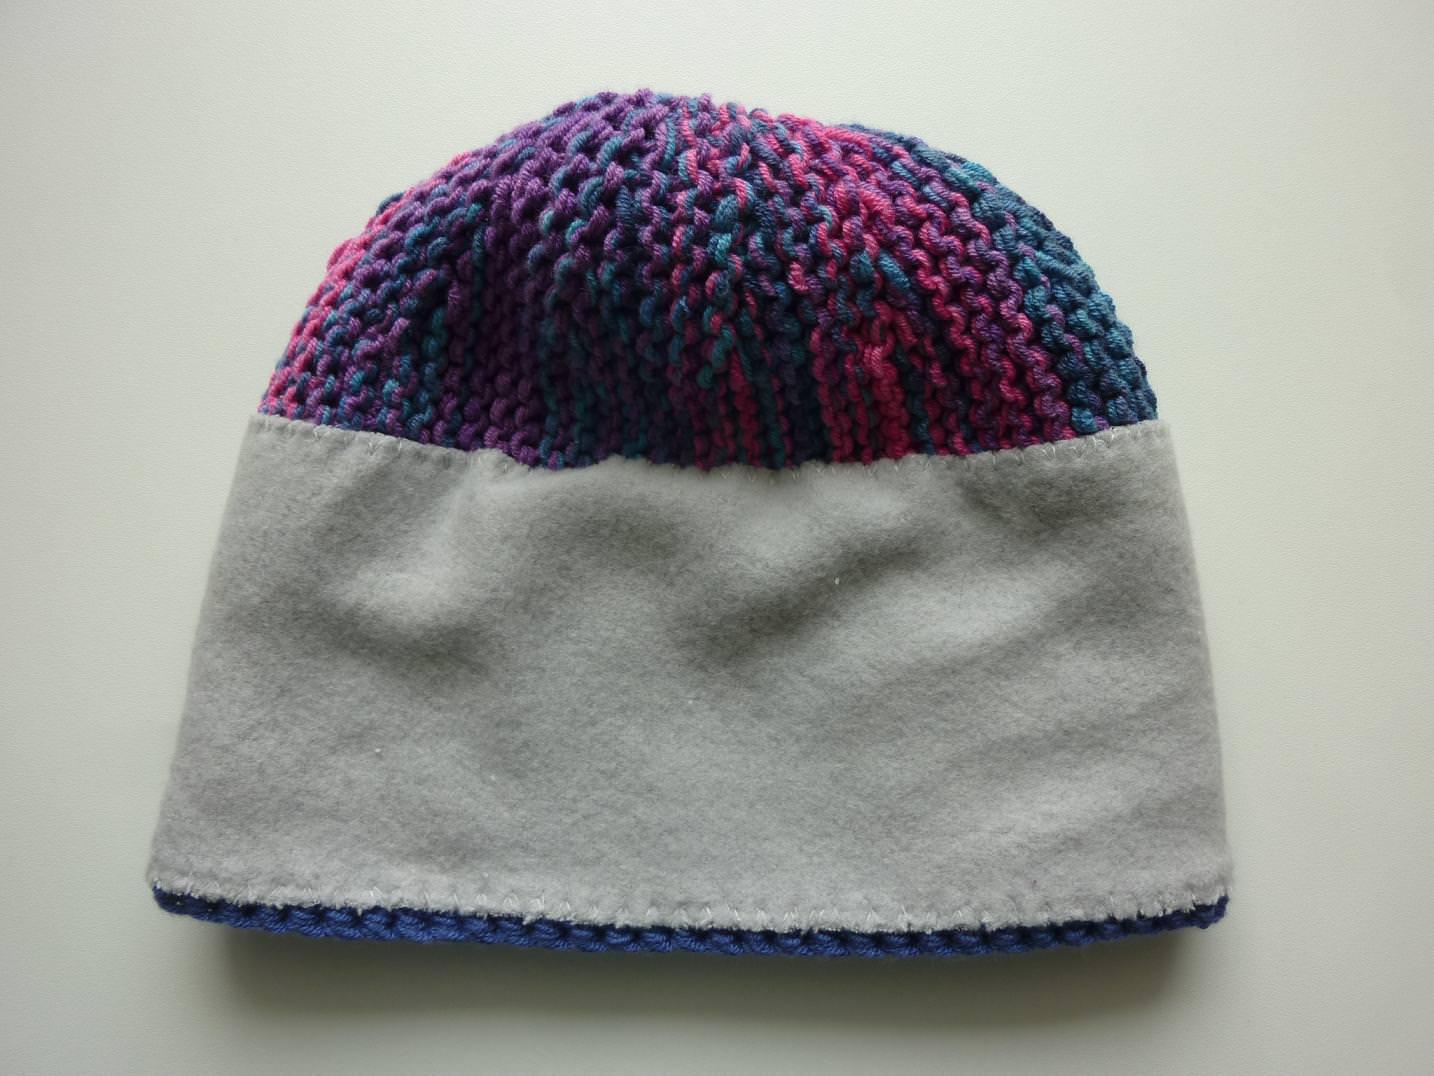 Kleinesbild - Bommelmütze Pink Lila Blau aus Baumwolle handgestrickt, mit Fleece gefüttert